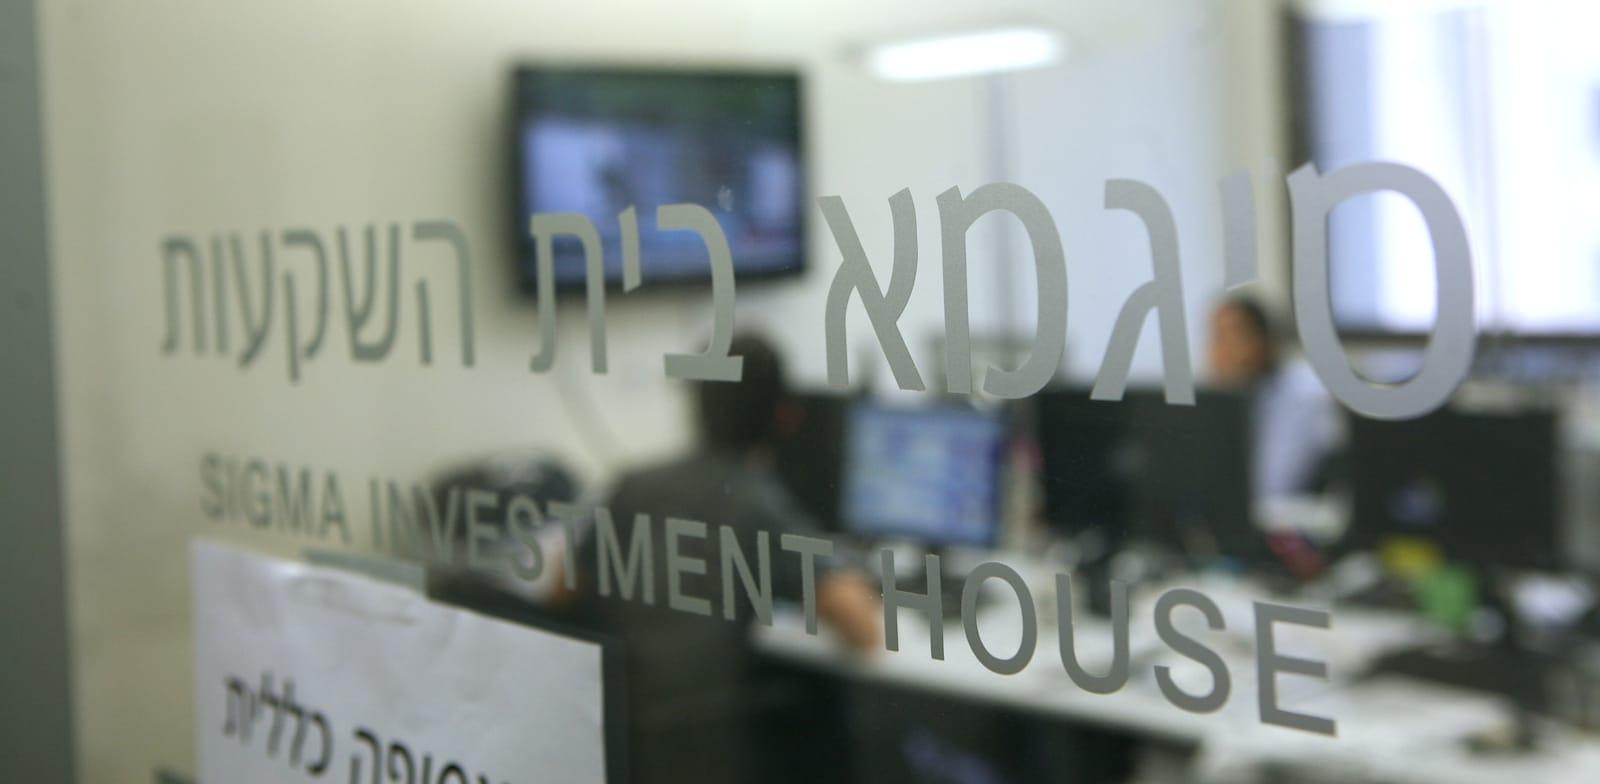 סיגמא בית השקעות / צילום: עינת לברון